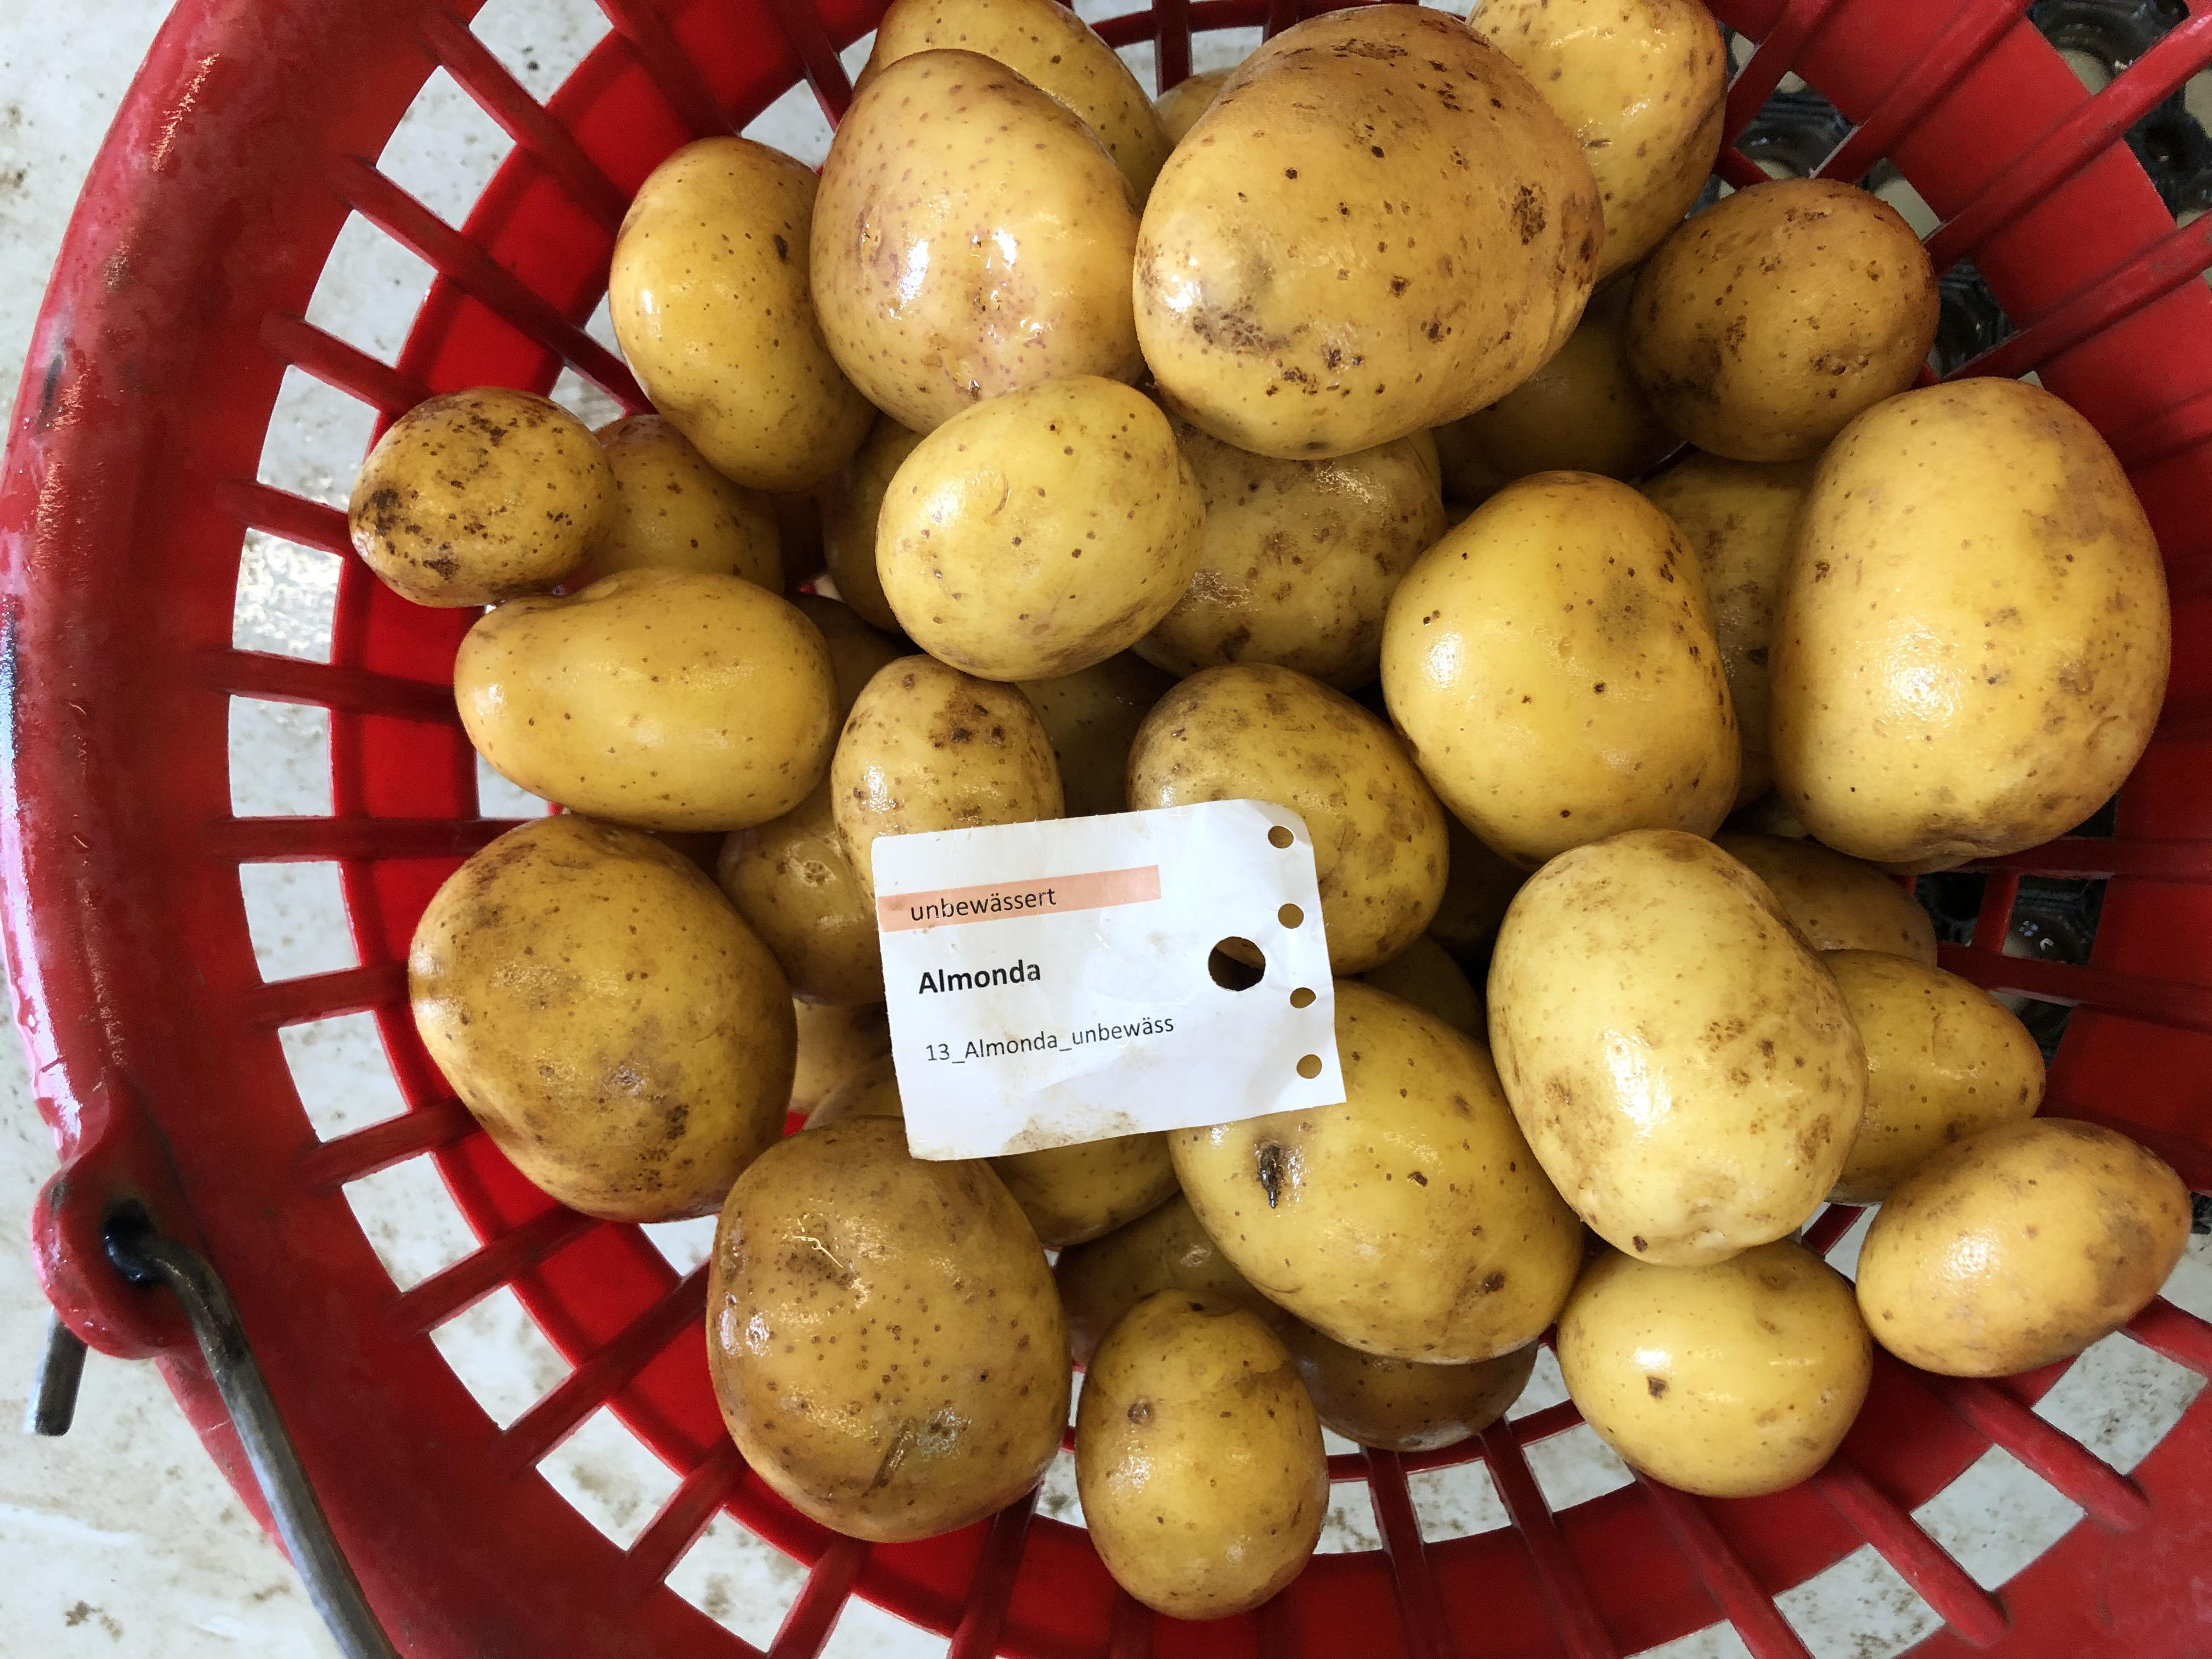 Waschprobe Sorte Almonda Sortenversuch Kartoffeln 2020 Humlikon